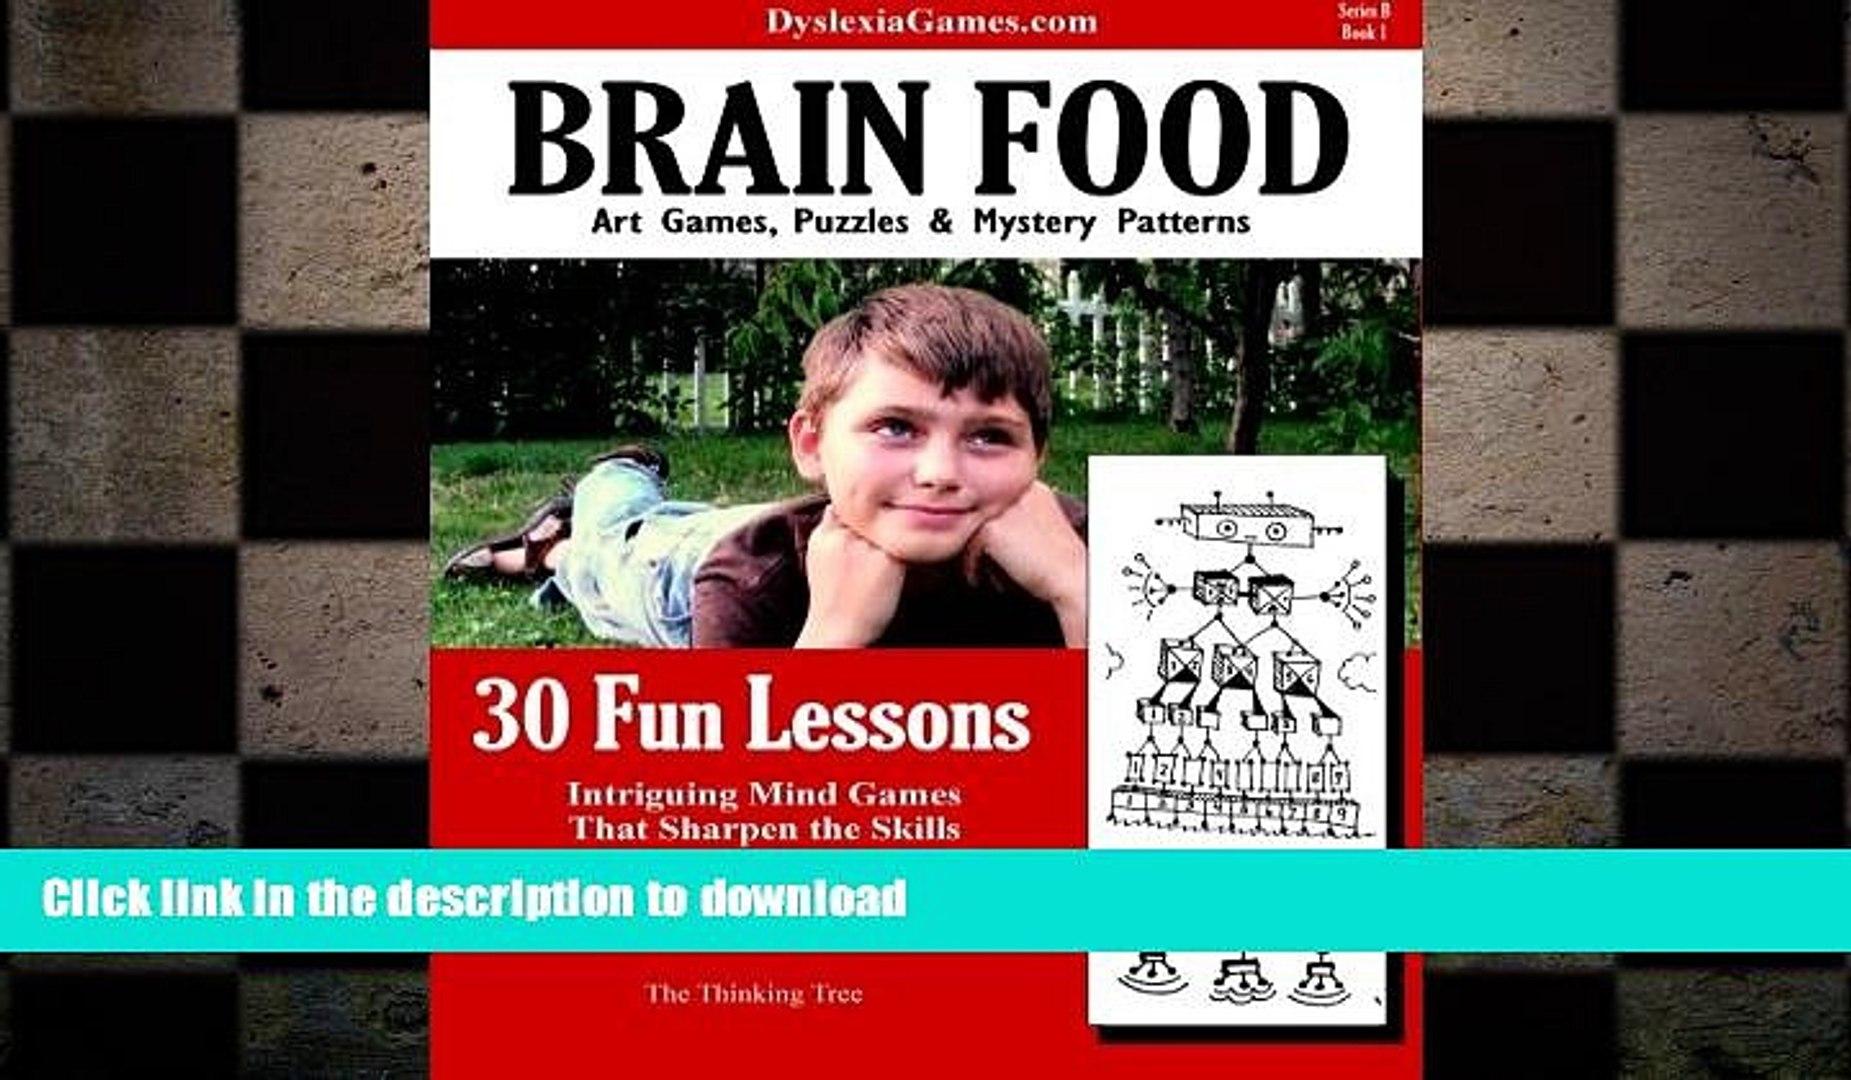 Hardcover Dyslexia Games - Brain Food - Series B Book 1 (Dyslexia Games Series B) (Volume 1) Full